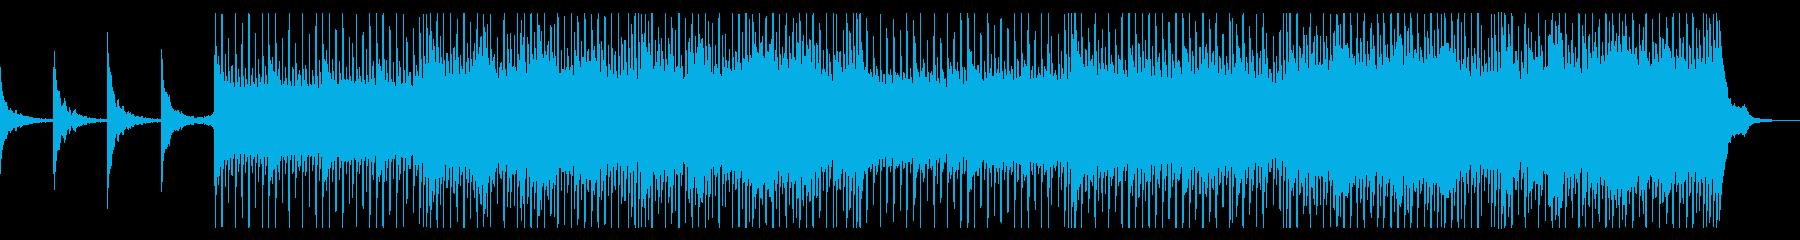 ディスコ レトロ シンセサイザー ...の再生済みの波形